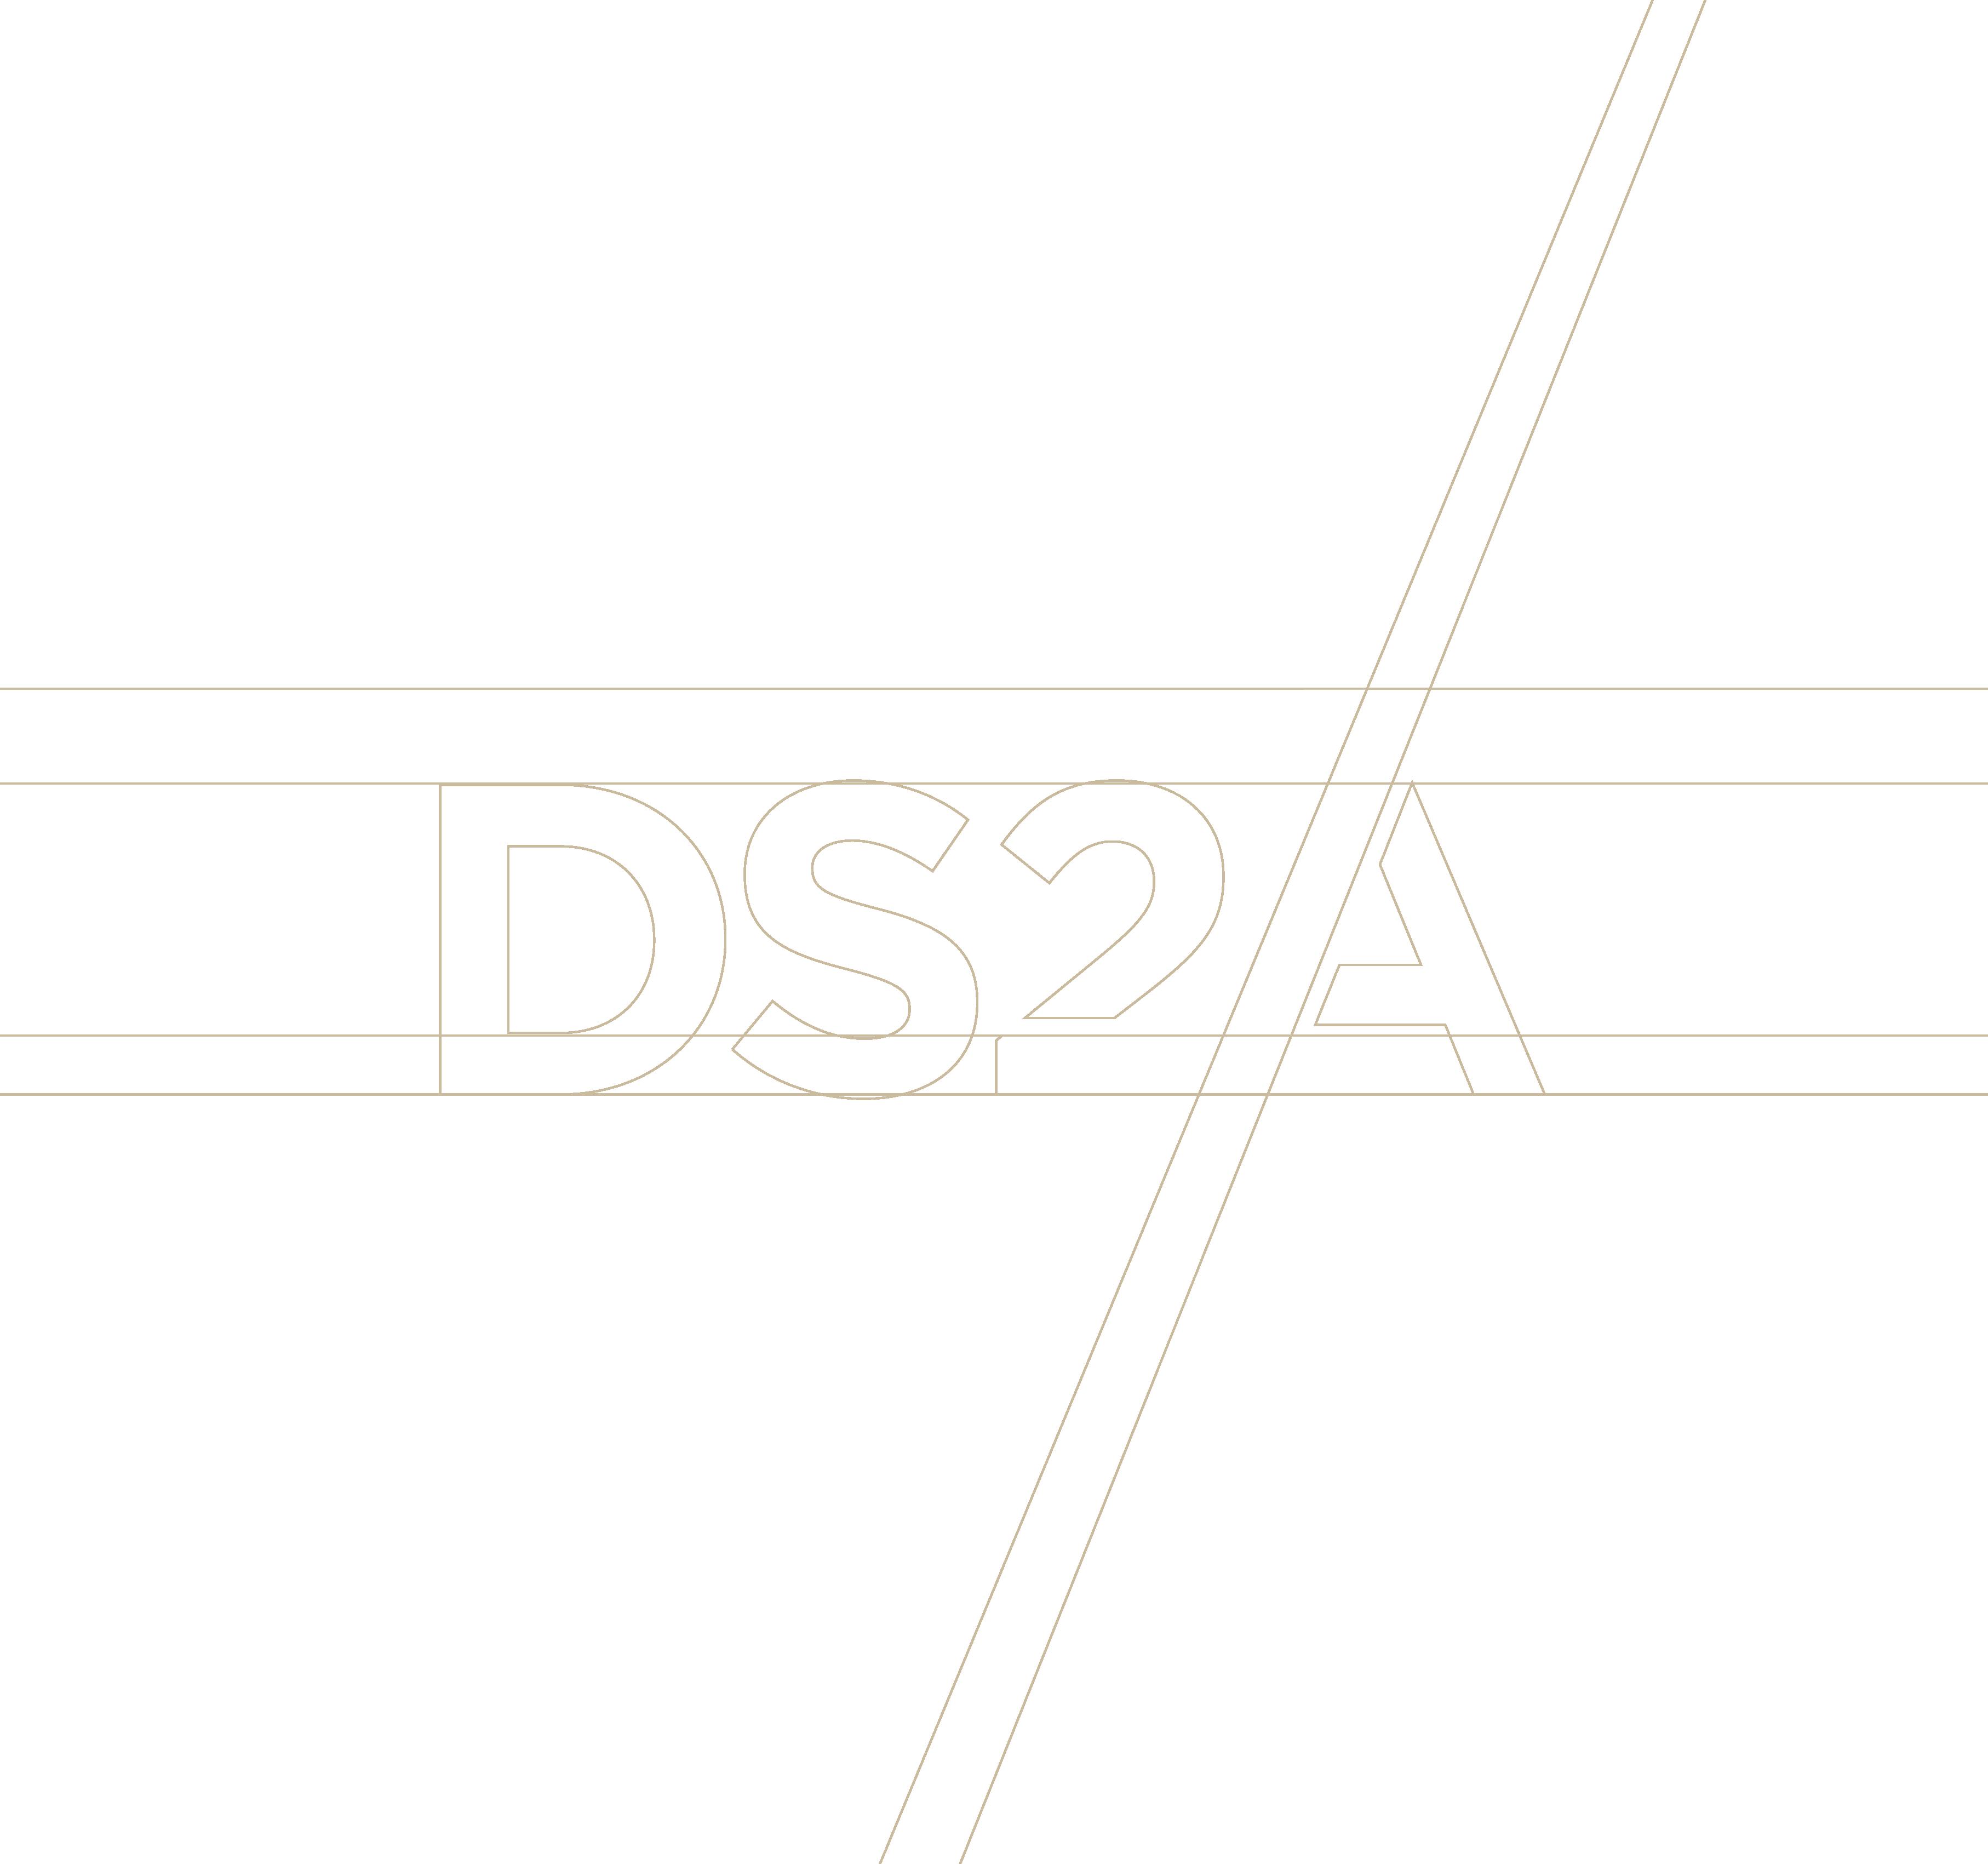 DS2A-COnstruction